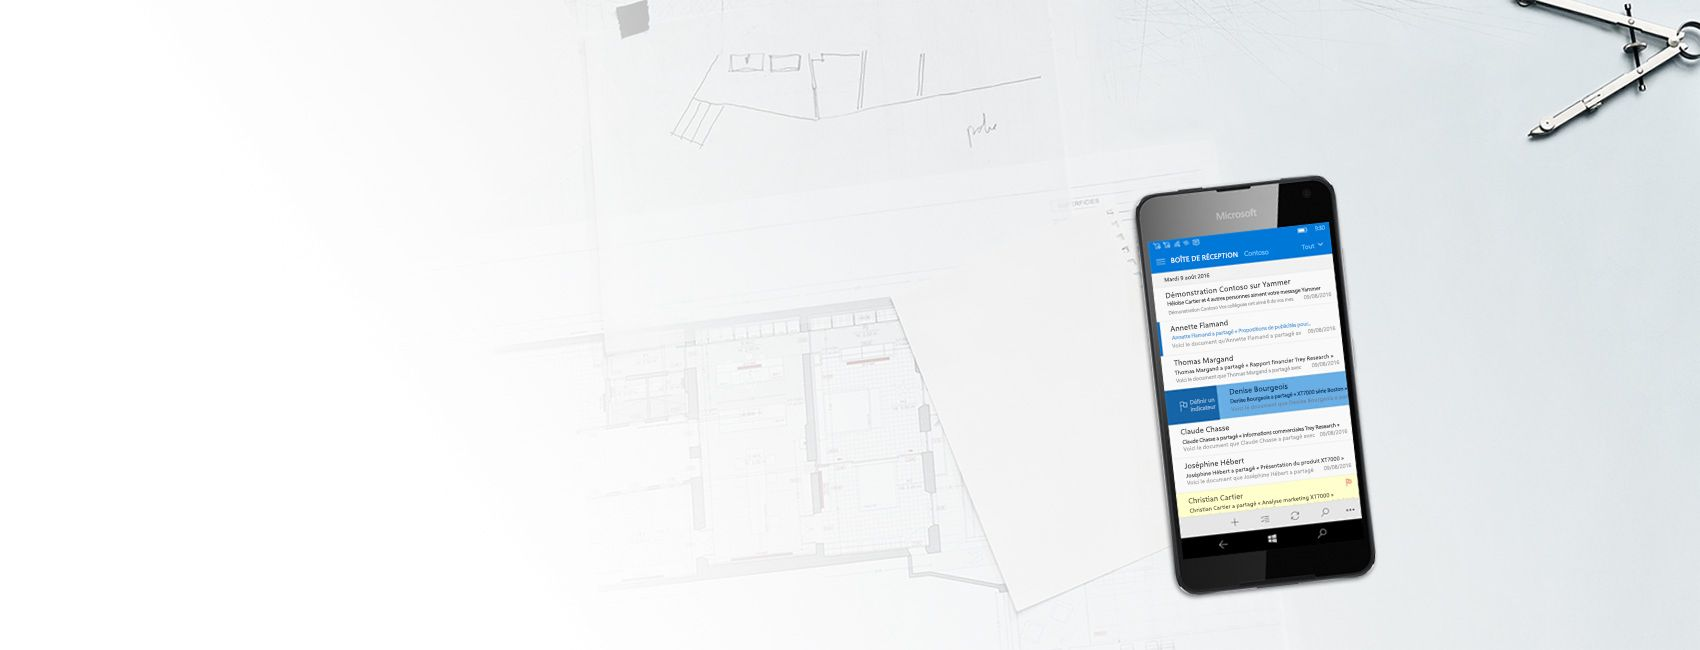 Téléphone Windows affichant une boîte de réception dans Outlook pour Windows 10 Mobile